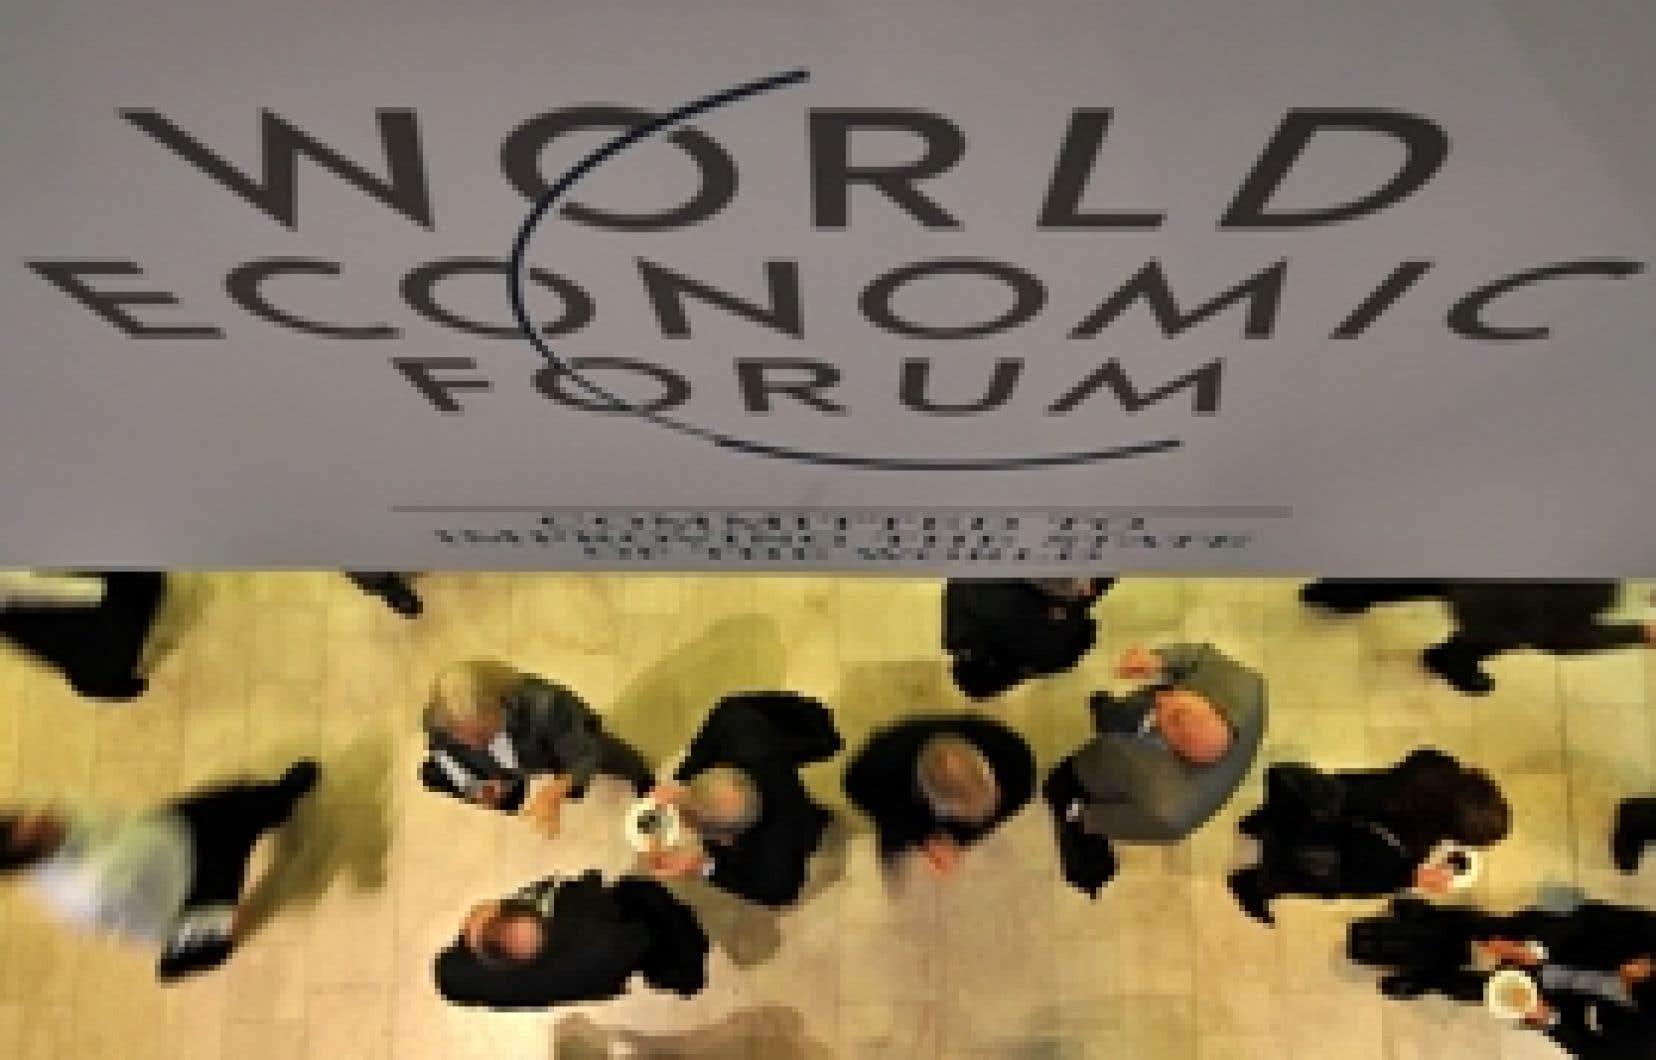 Plus de 2500 personnes prendront part au Forum économique mondial, à Davos.